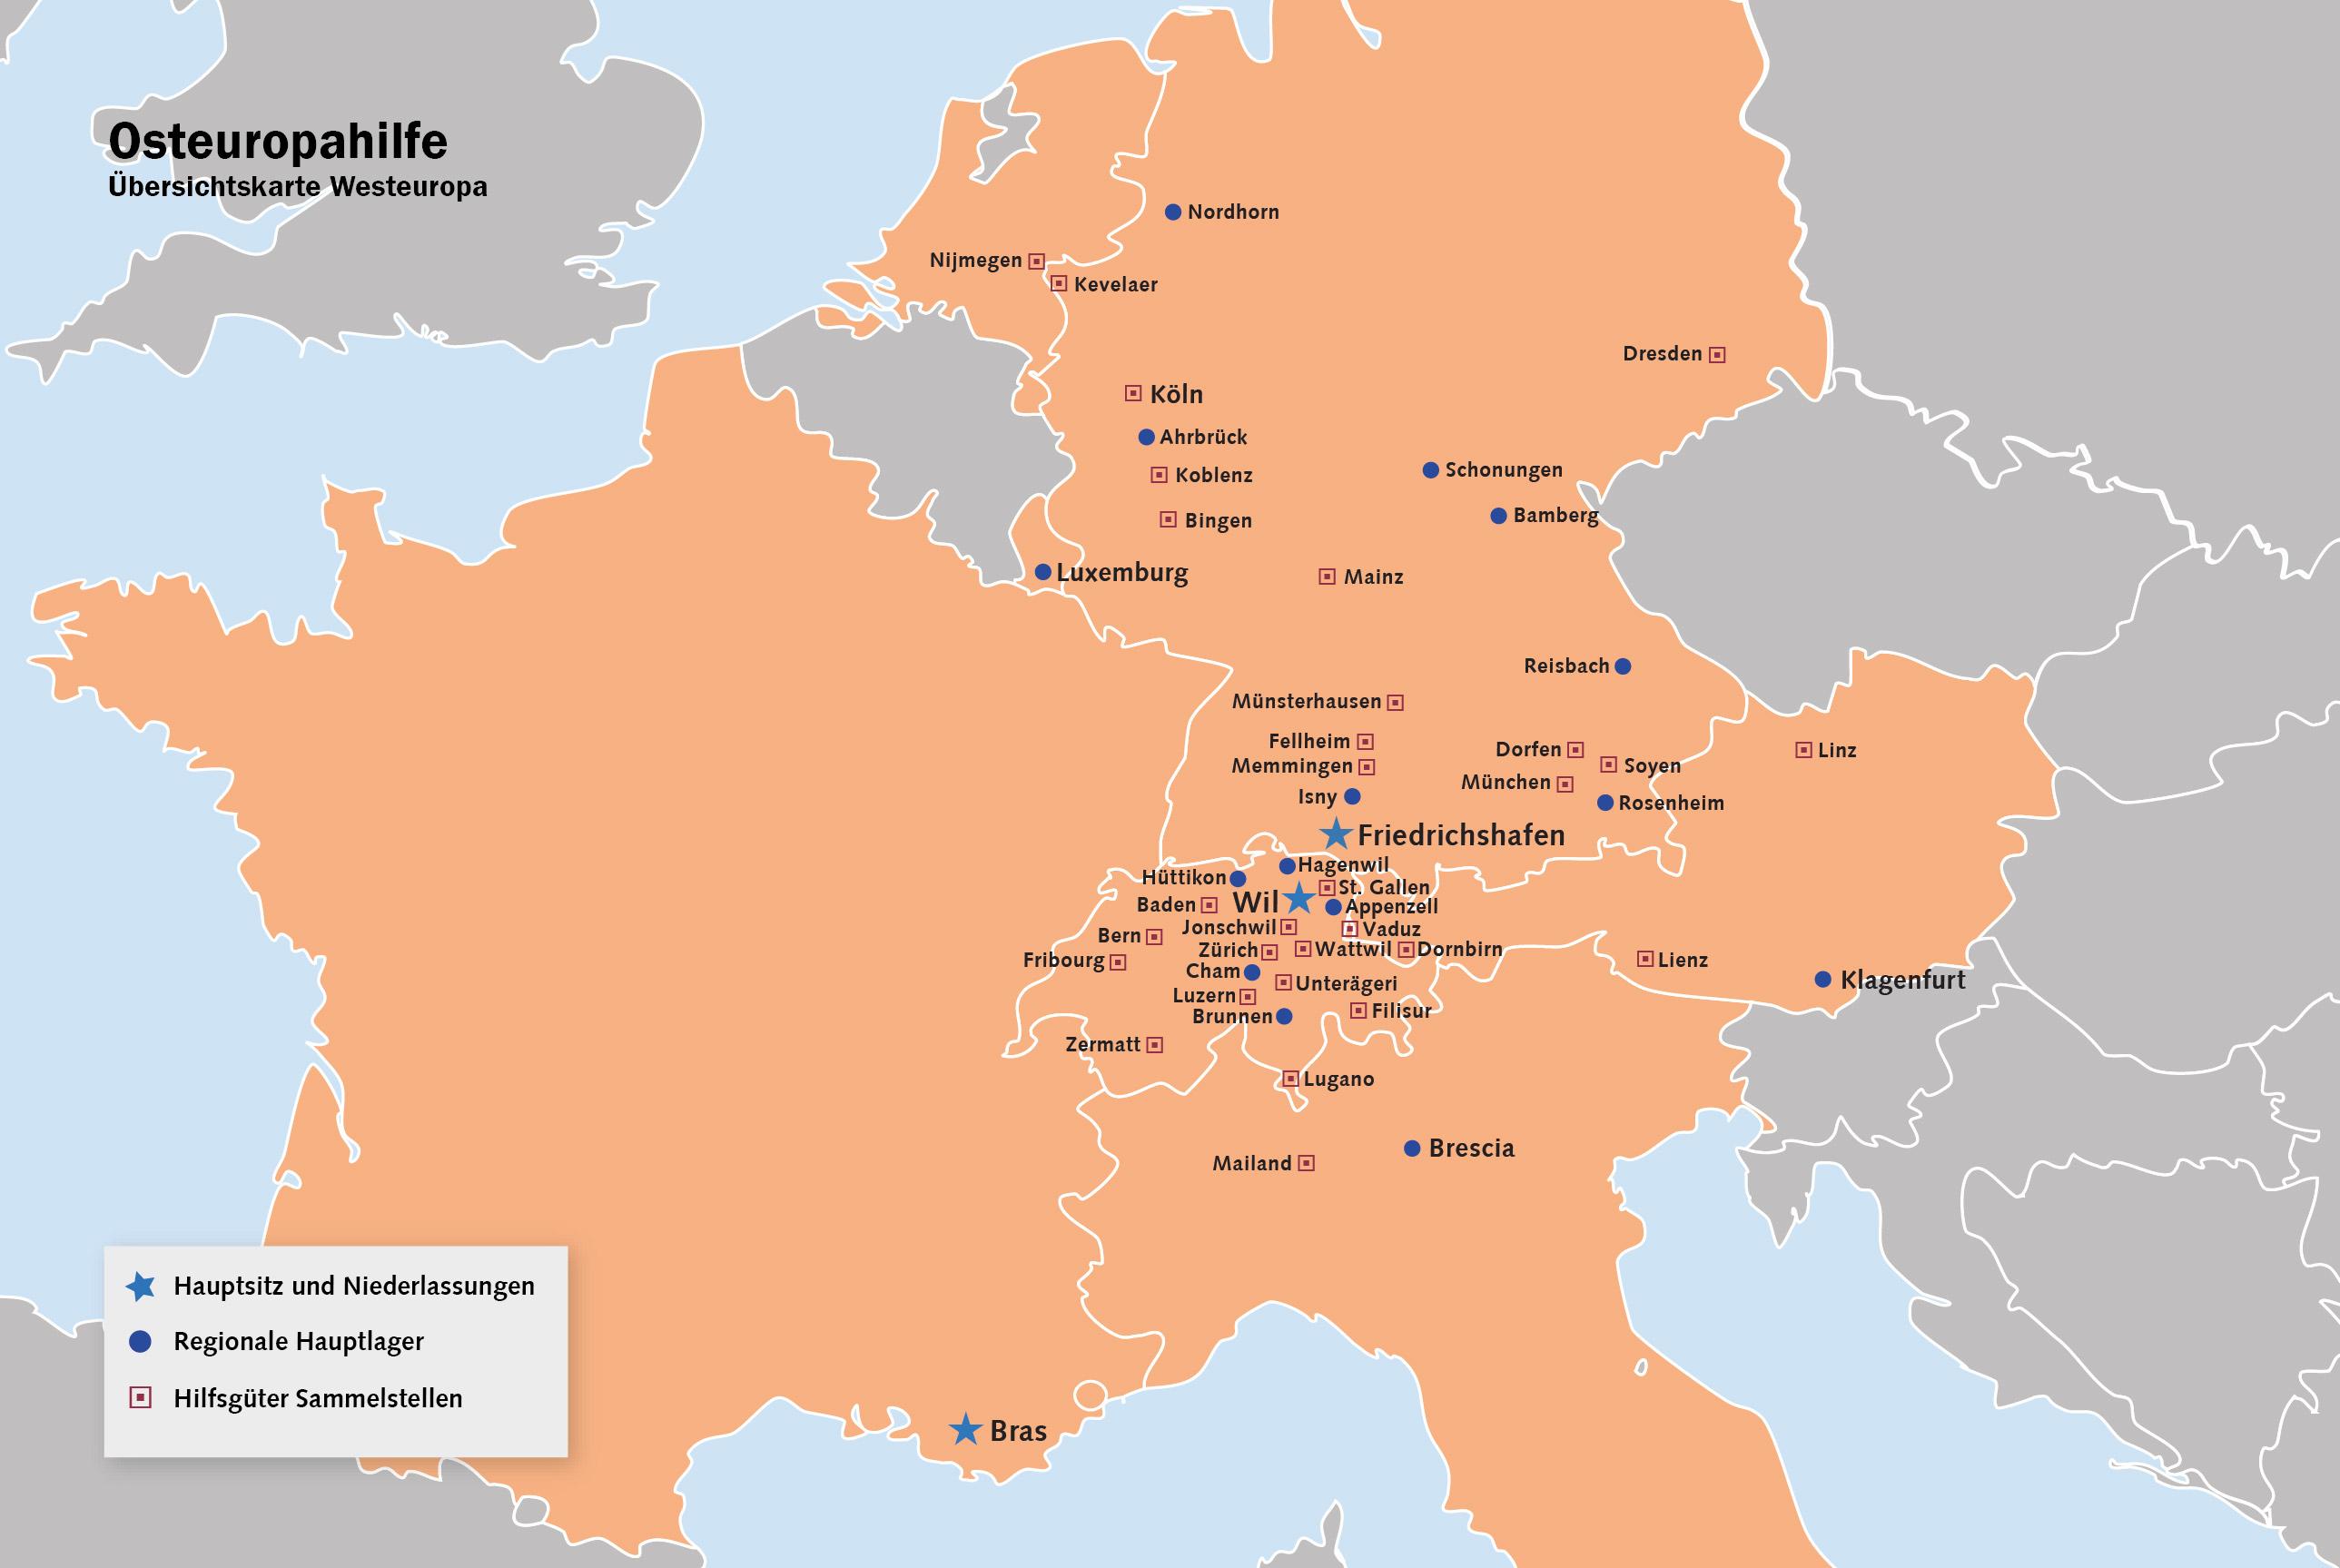 Karte Deutschland österreich.Organisation Osteuropahilfe